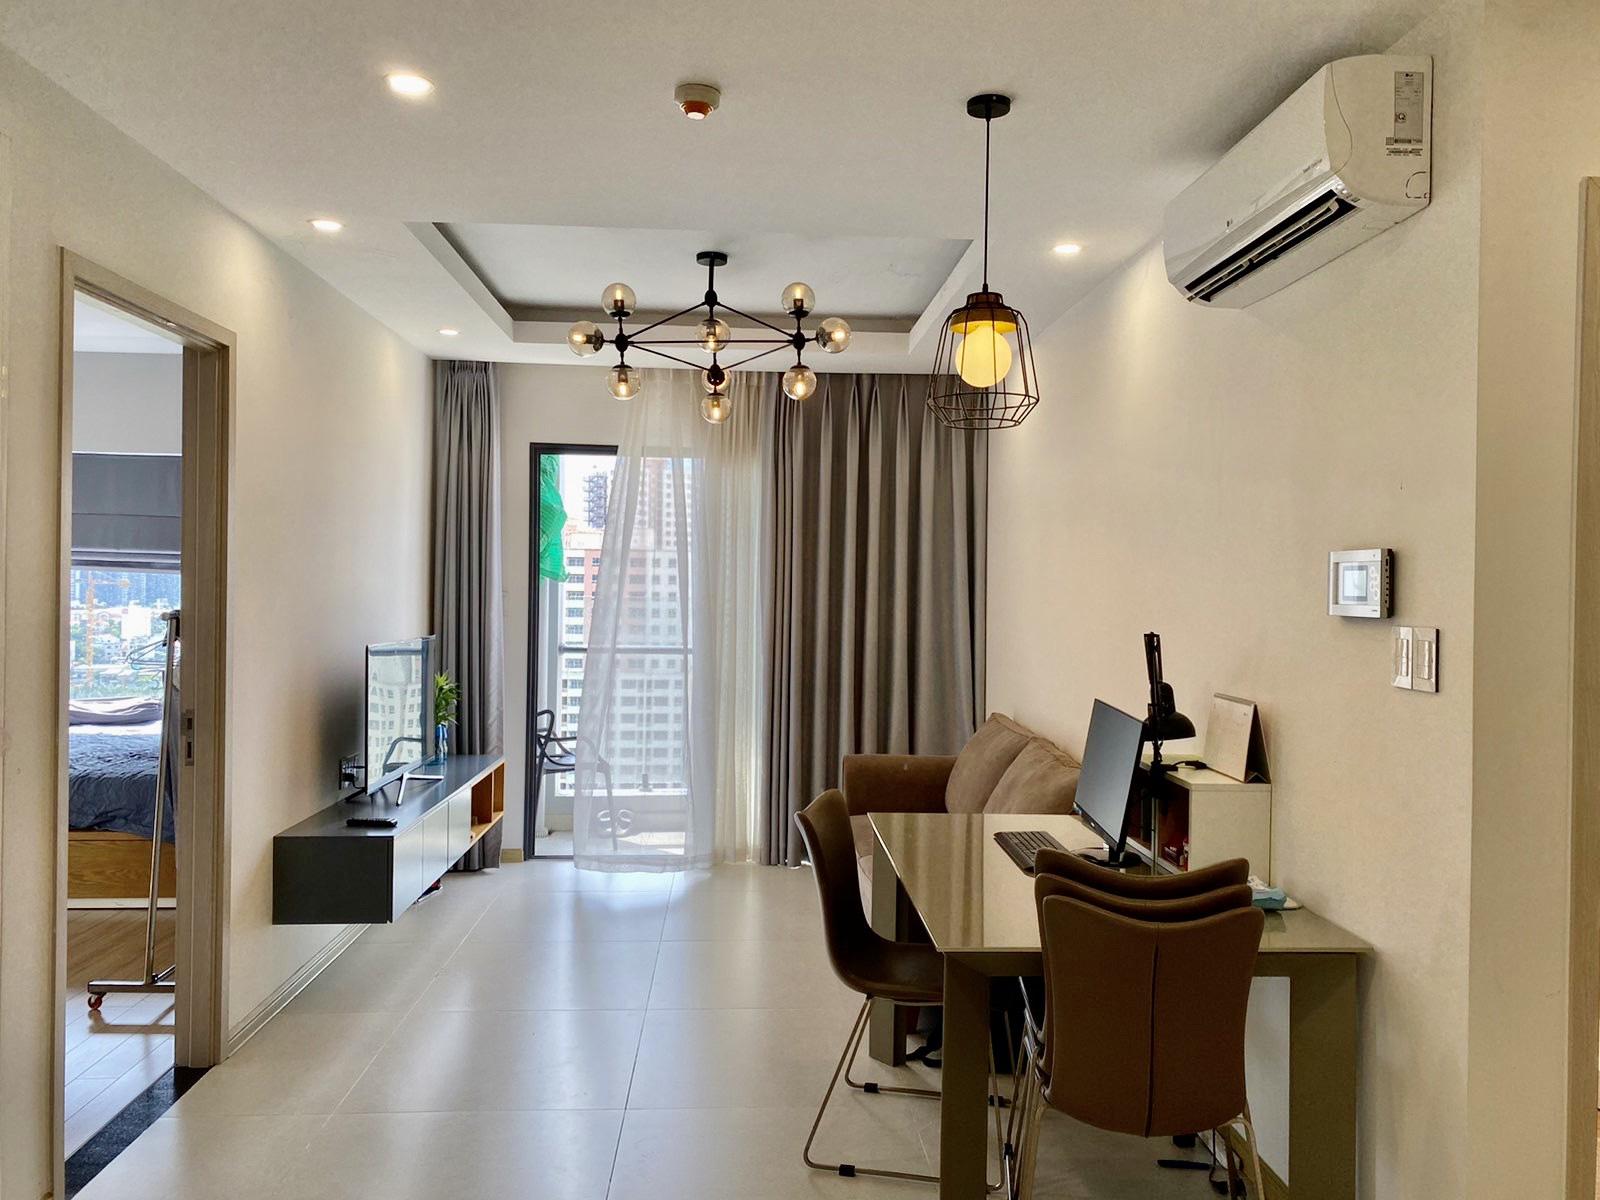 Cho thuê 3 phòng ngủ New City Thủ Thiêm - ID 010153